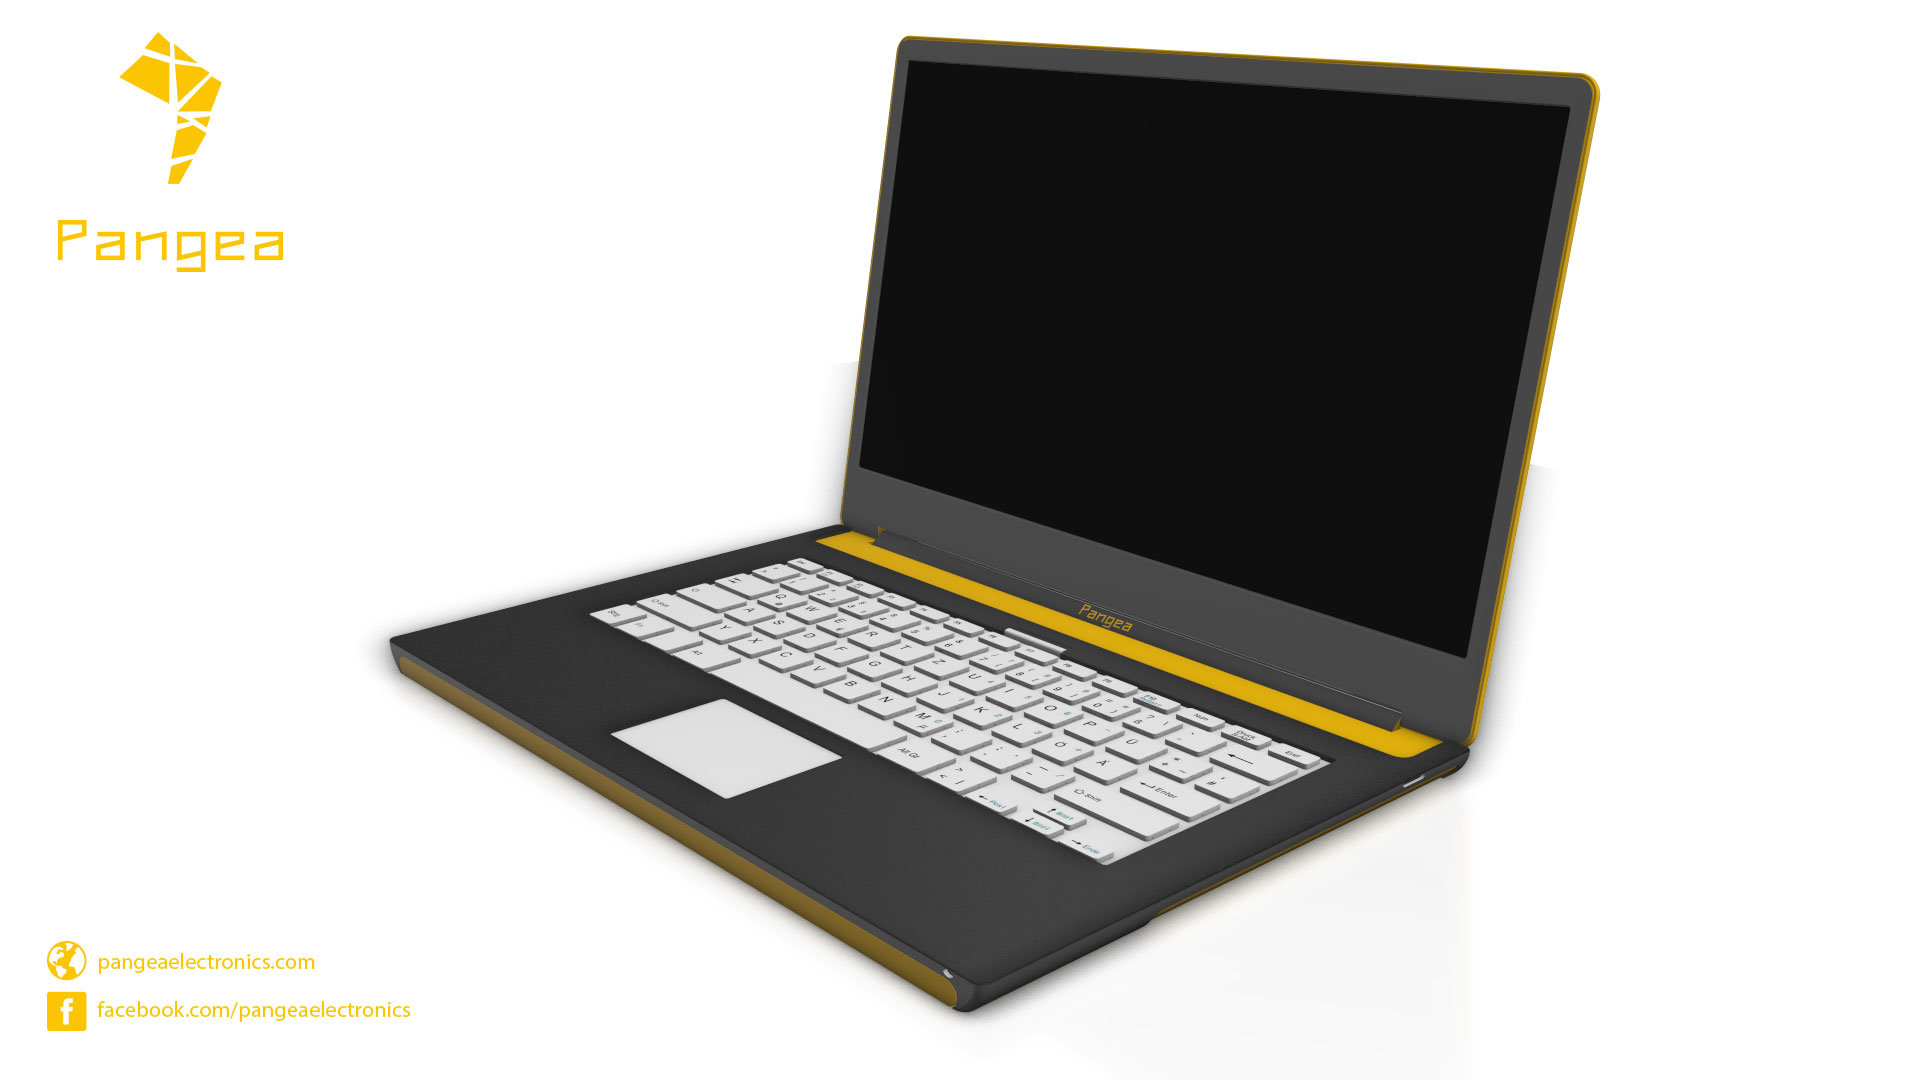 Erste Renderbilder zeigen ein weitaus schickeres Notebook als den Prototypen